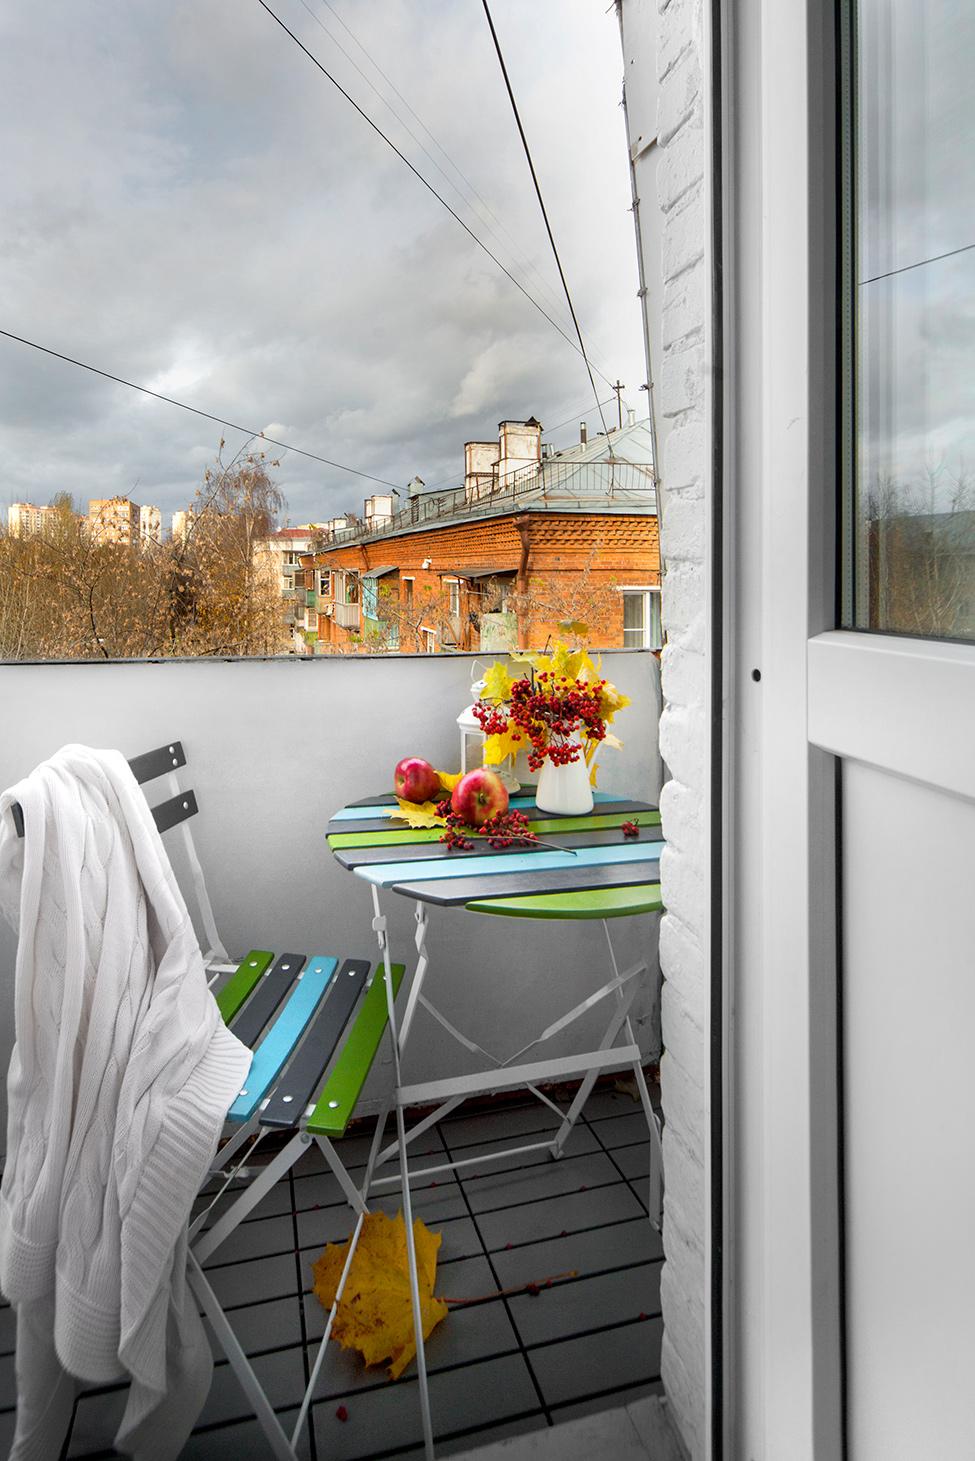 apartament-v-moskva-pokazva-miks-ot-moderen-i-retro-stil-910g